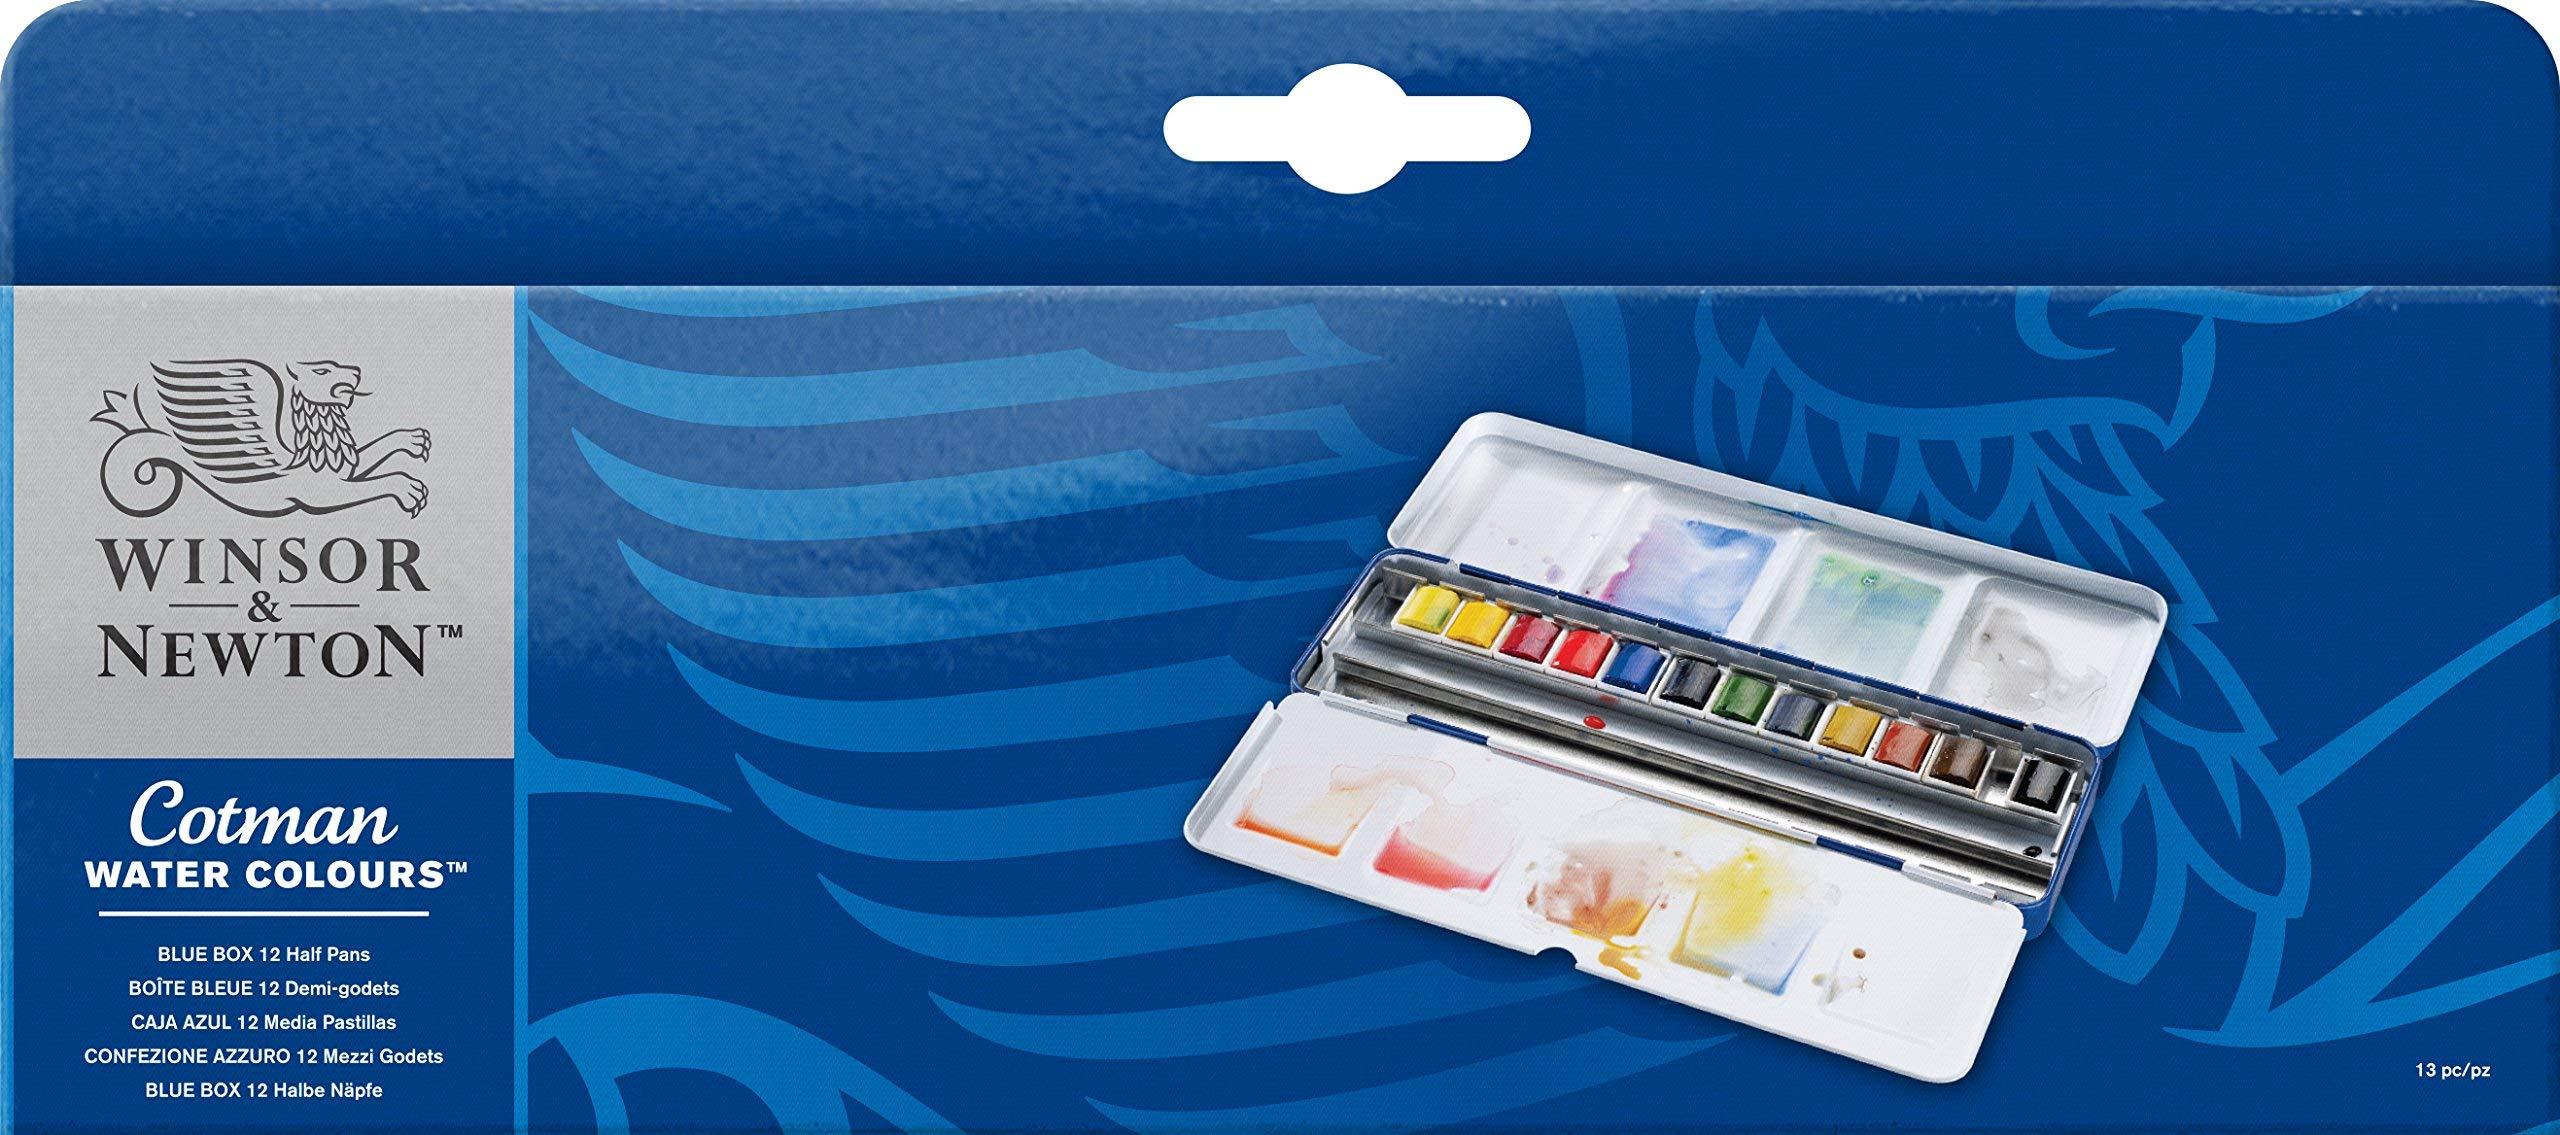 Winsor & Newton Cotman Watercolor Blue Box Set, 12 Half Pans